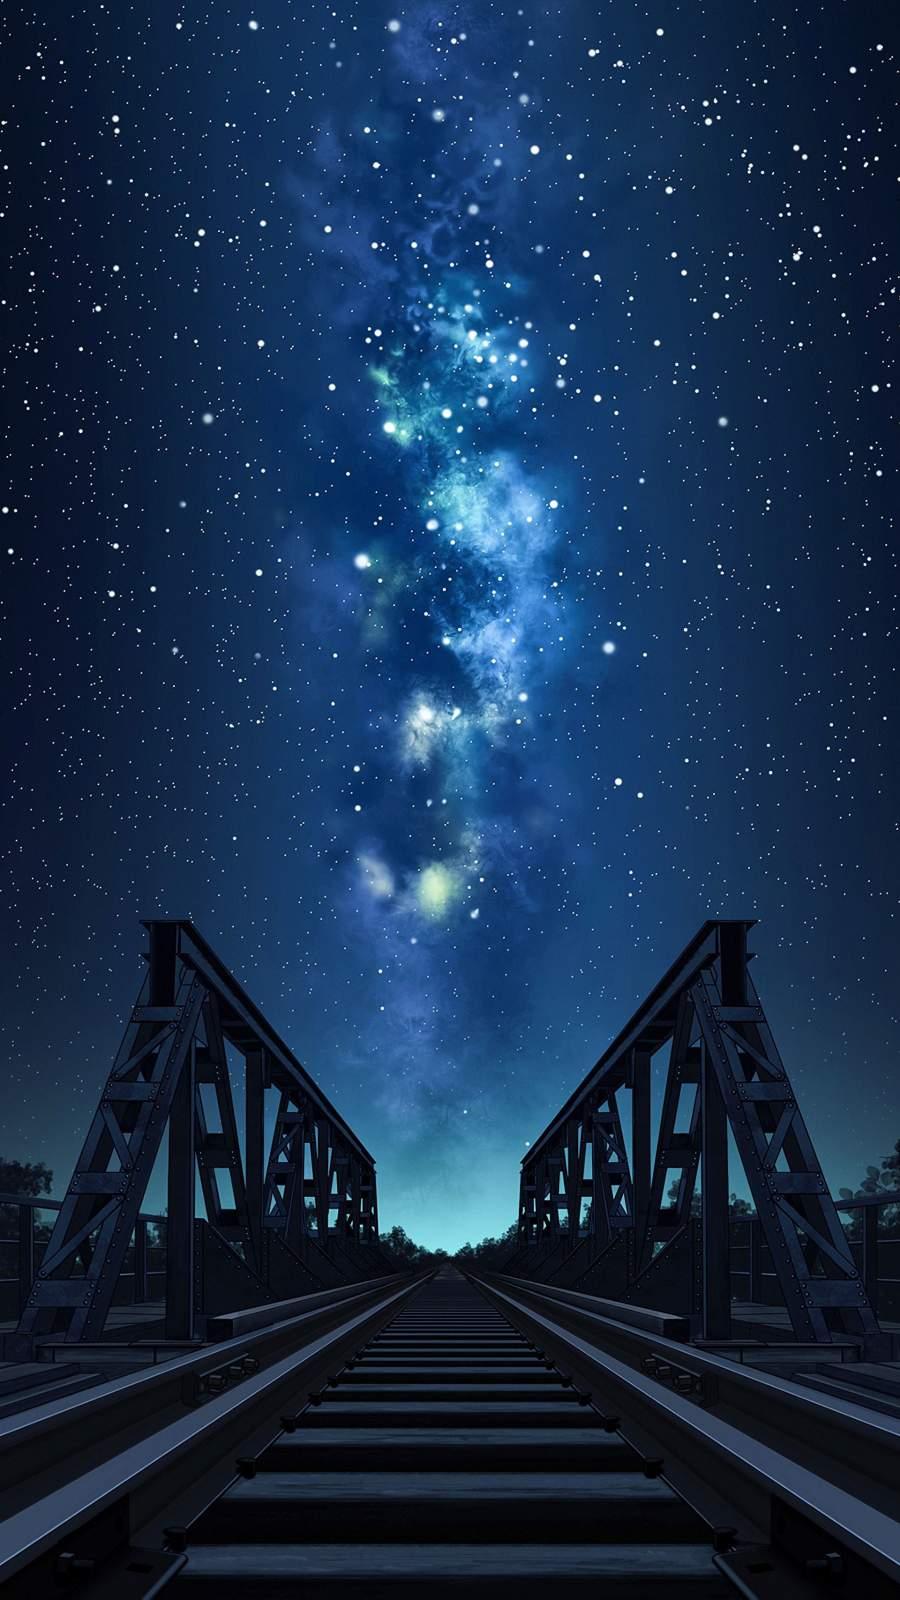 Night Stars Rail Road Bridge